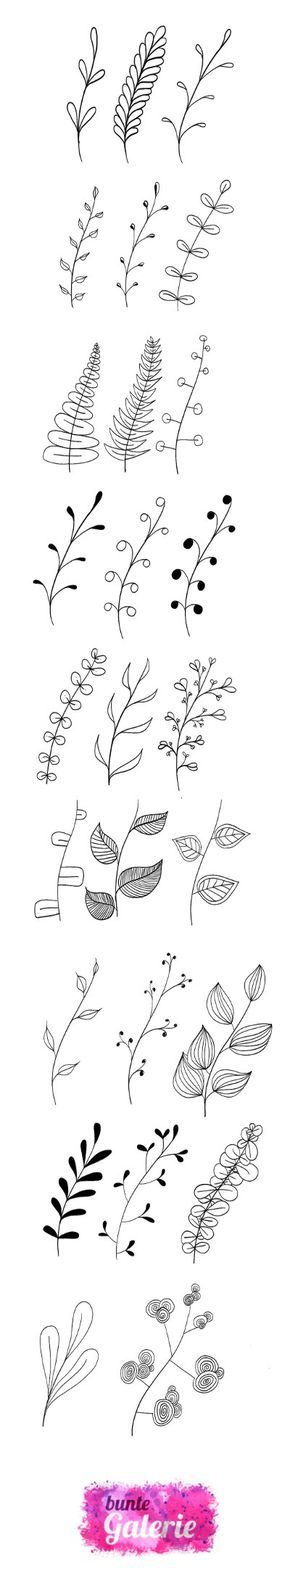 Красивые картинки узоры для срисовки - смотреть, скачать бесплатно 3